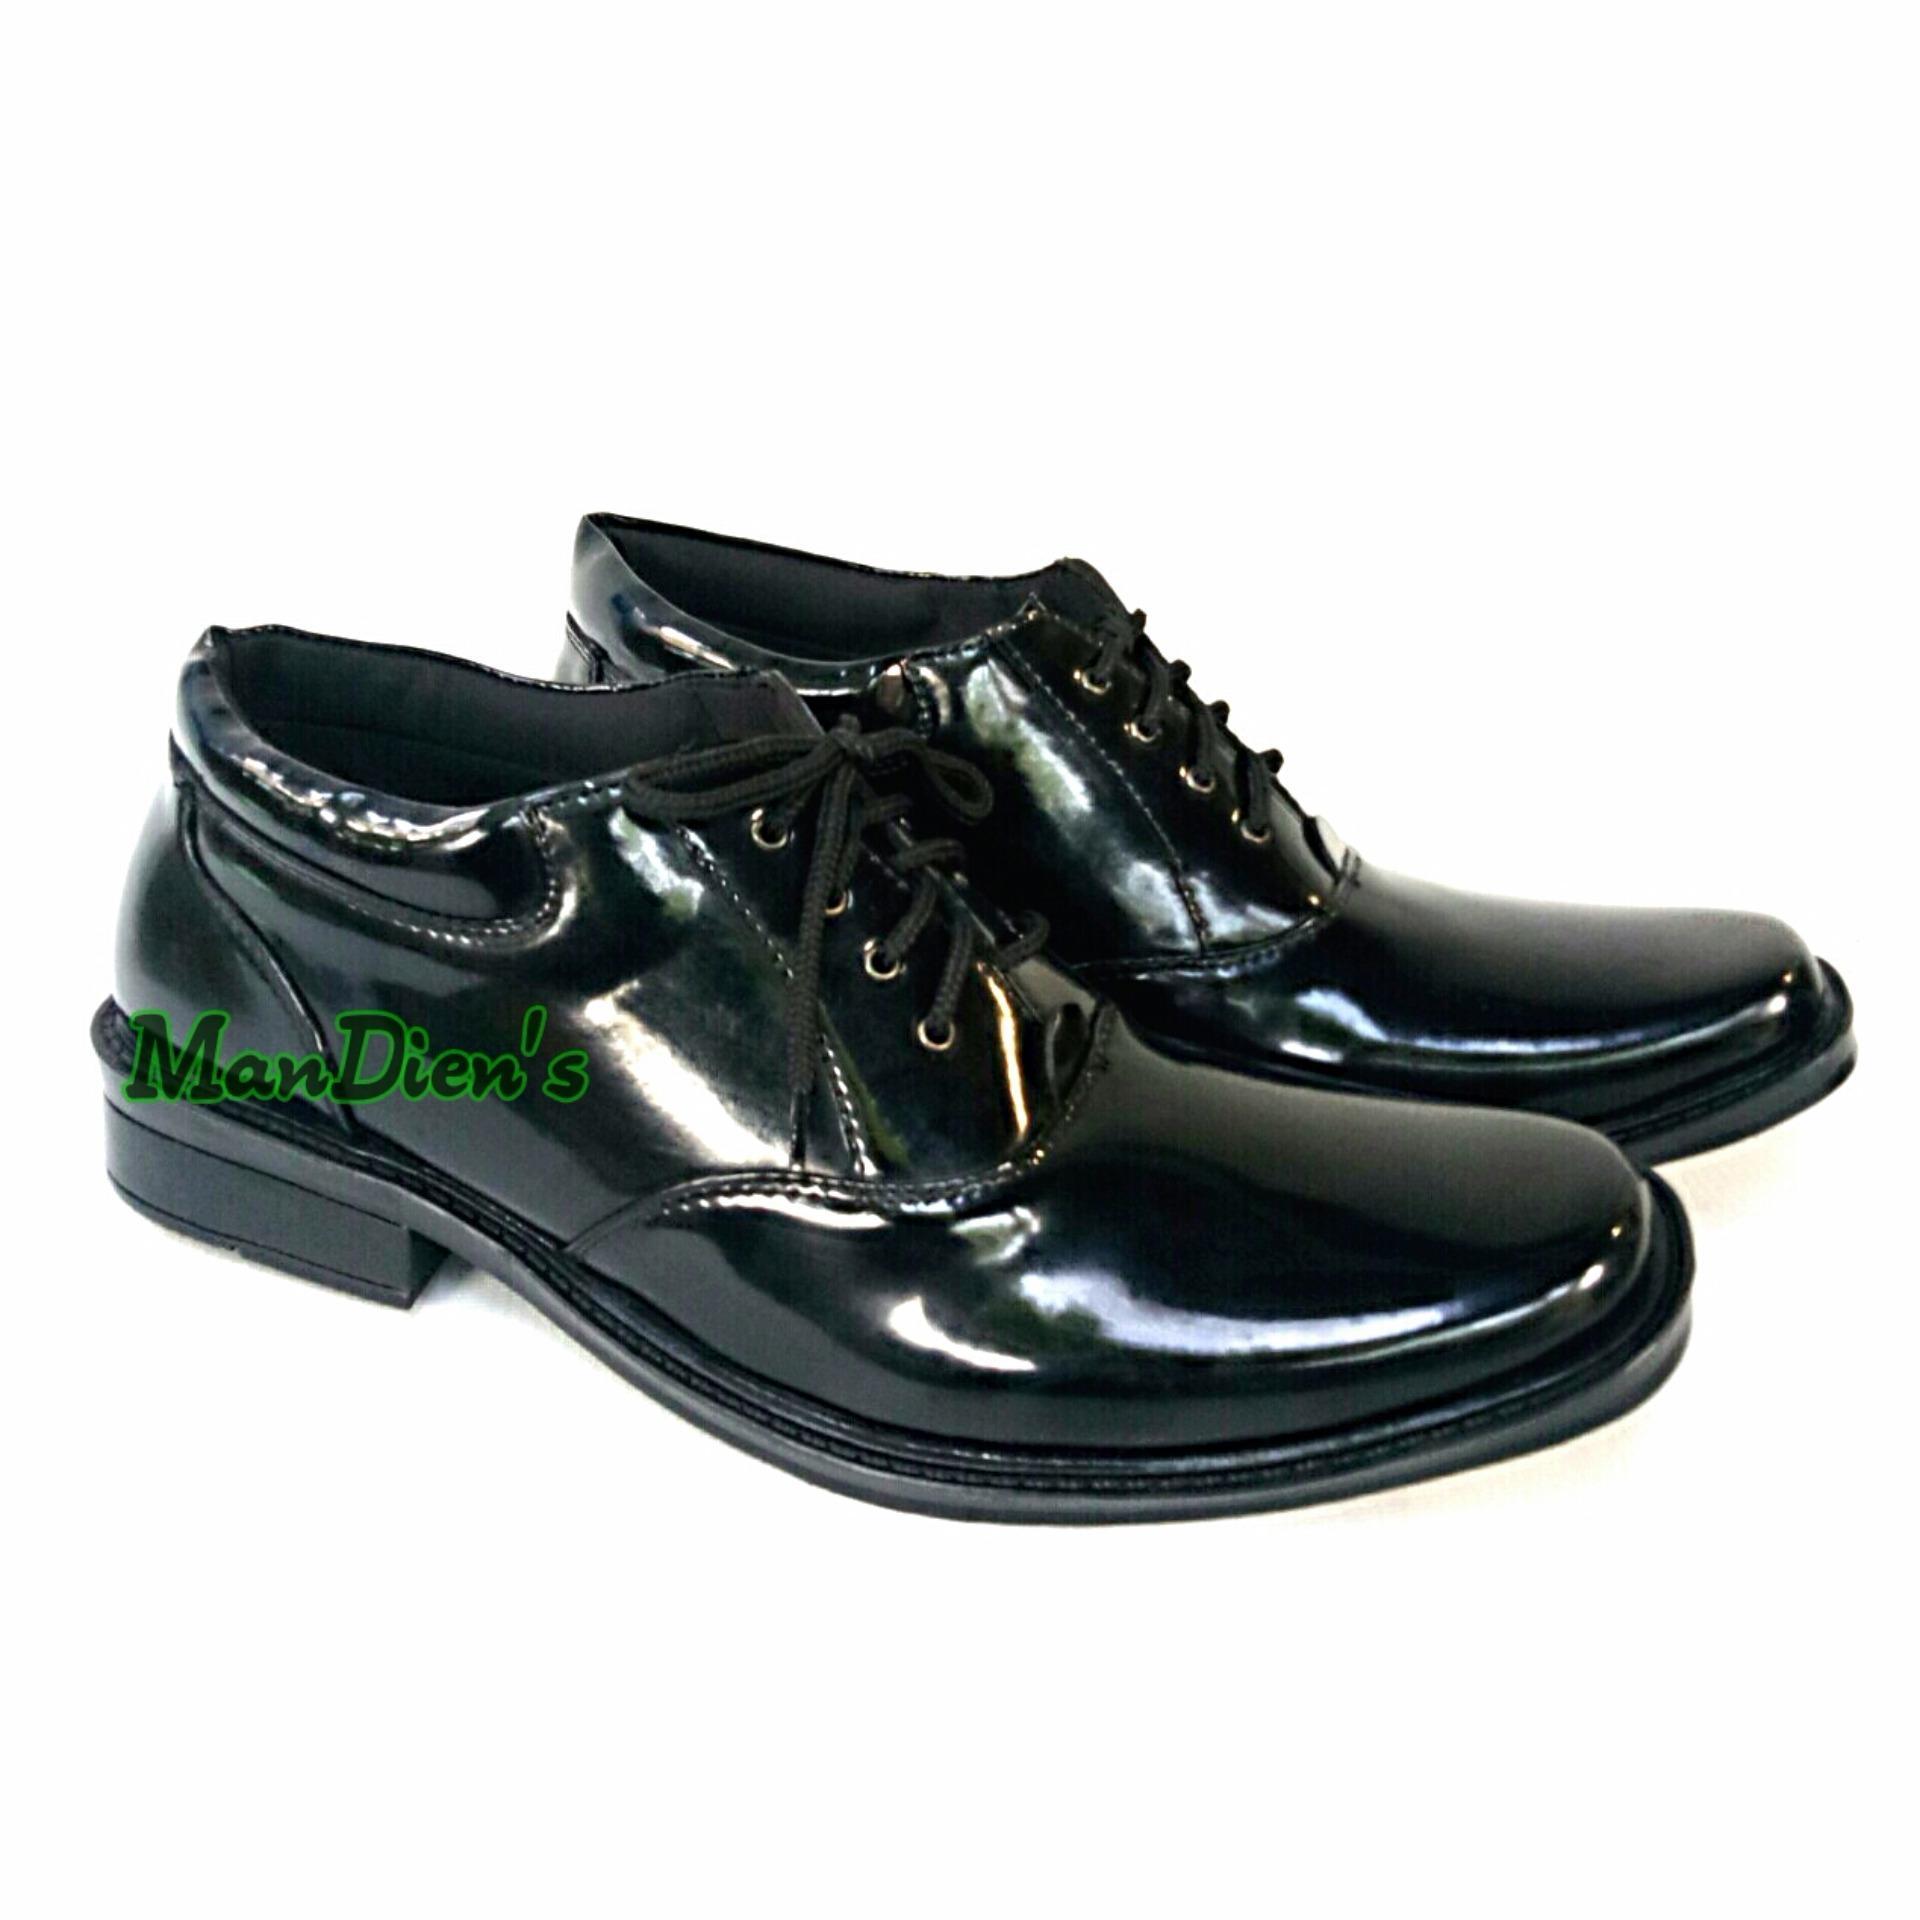 Beli Mandien S Sepatu Pria Super Kilat Pantofel Formal Pdh 02 Tali Hitam Lengkap